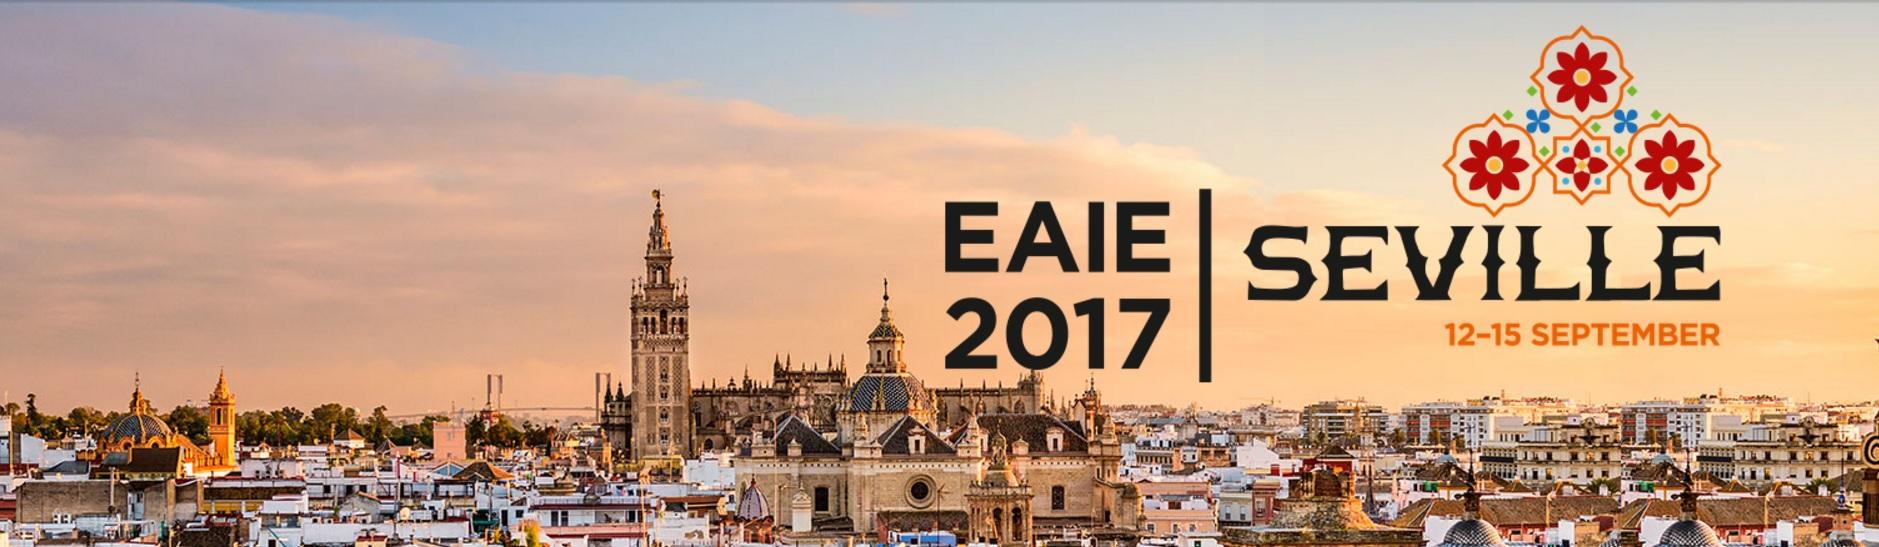 EAIE konferencija